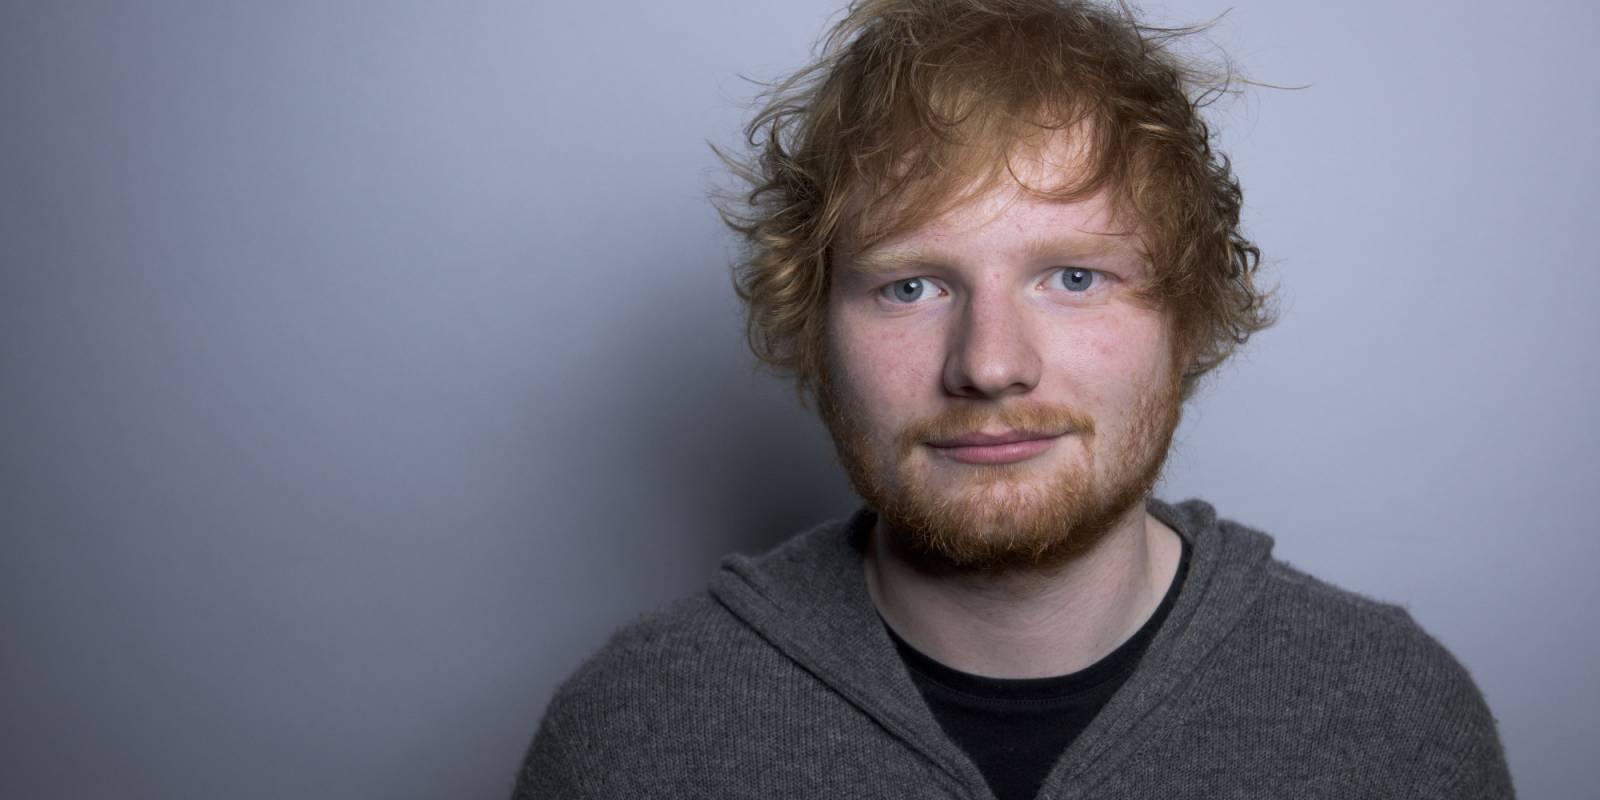 RECENZE: Ed Sheeran napsal do třetice všeho modrého svoji nejlepší desku